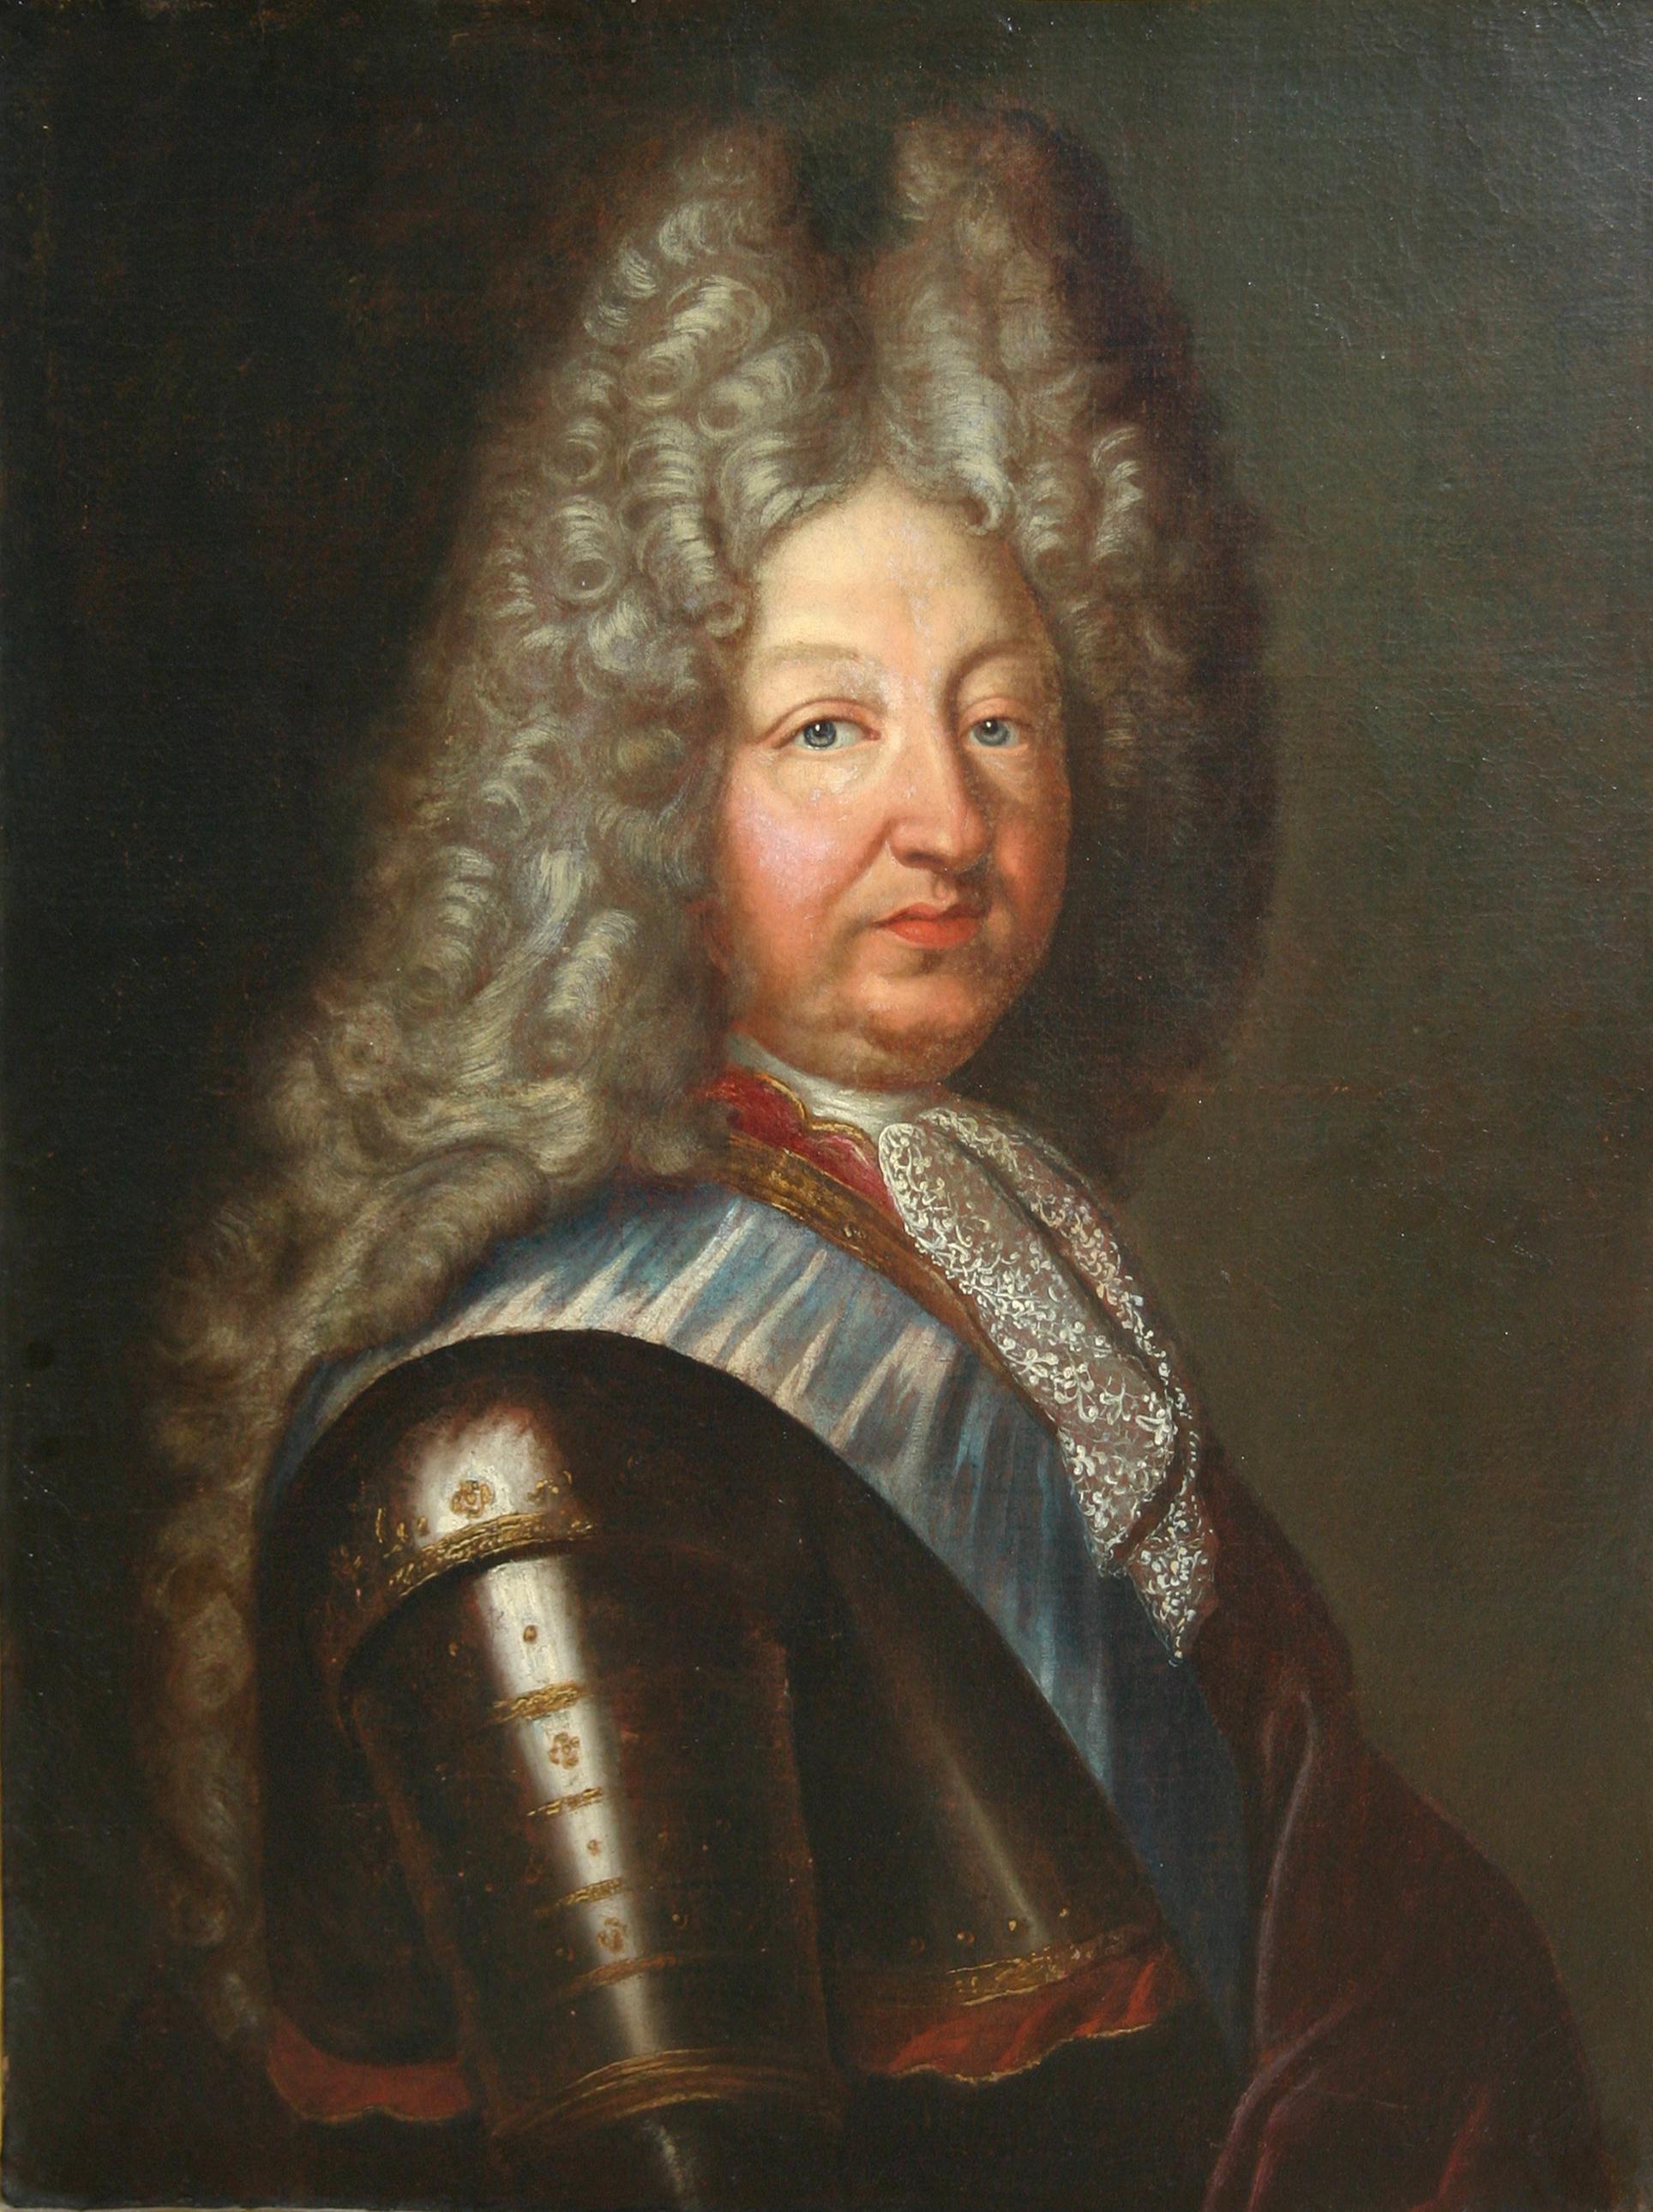 Ritratto di Luigi XIV, autore anonimo, fine 1600 ca, olio su tela,  99 x 88 cm